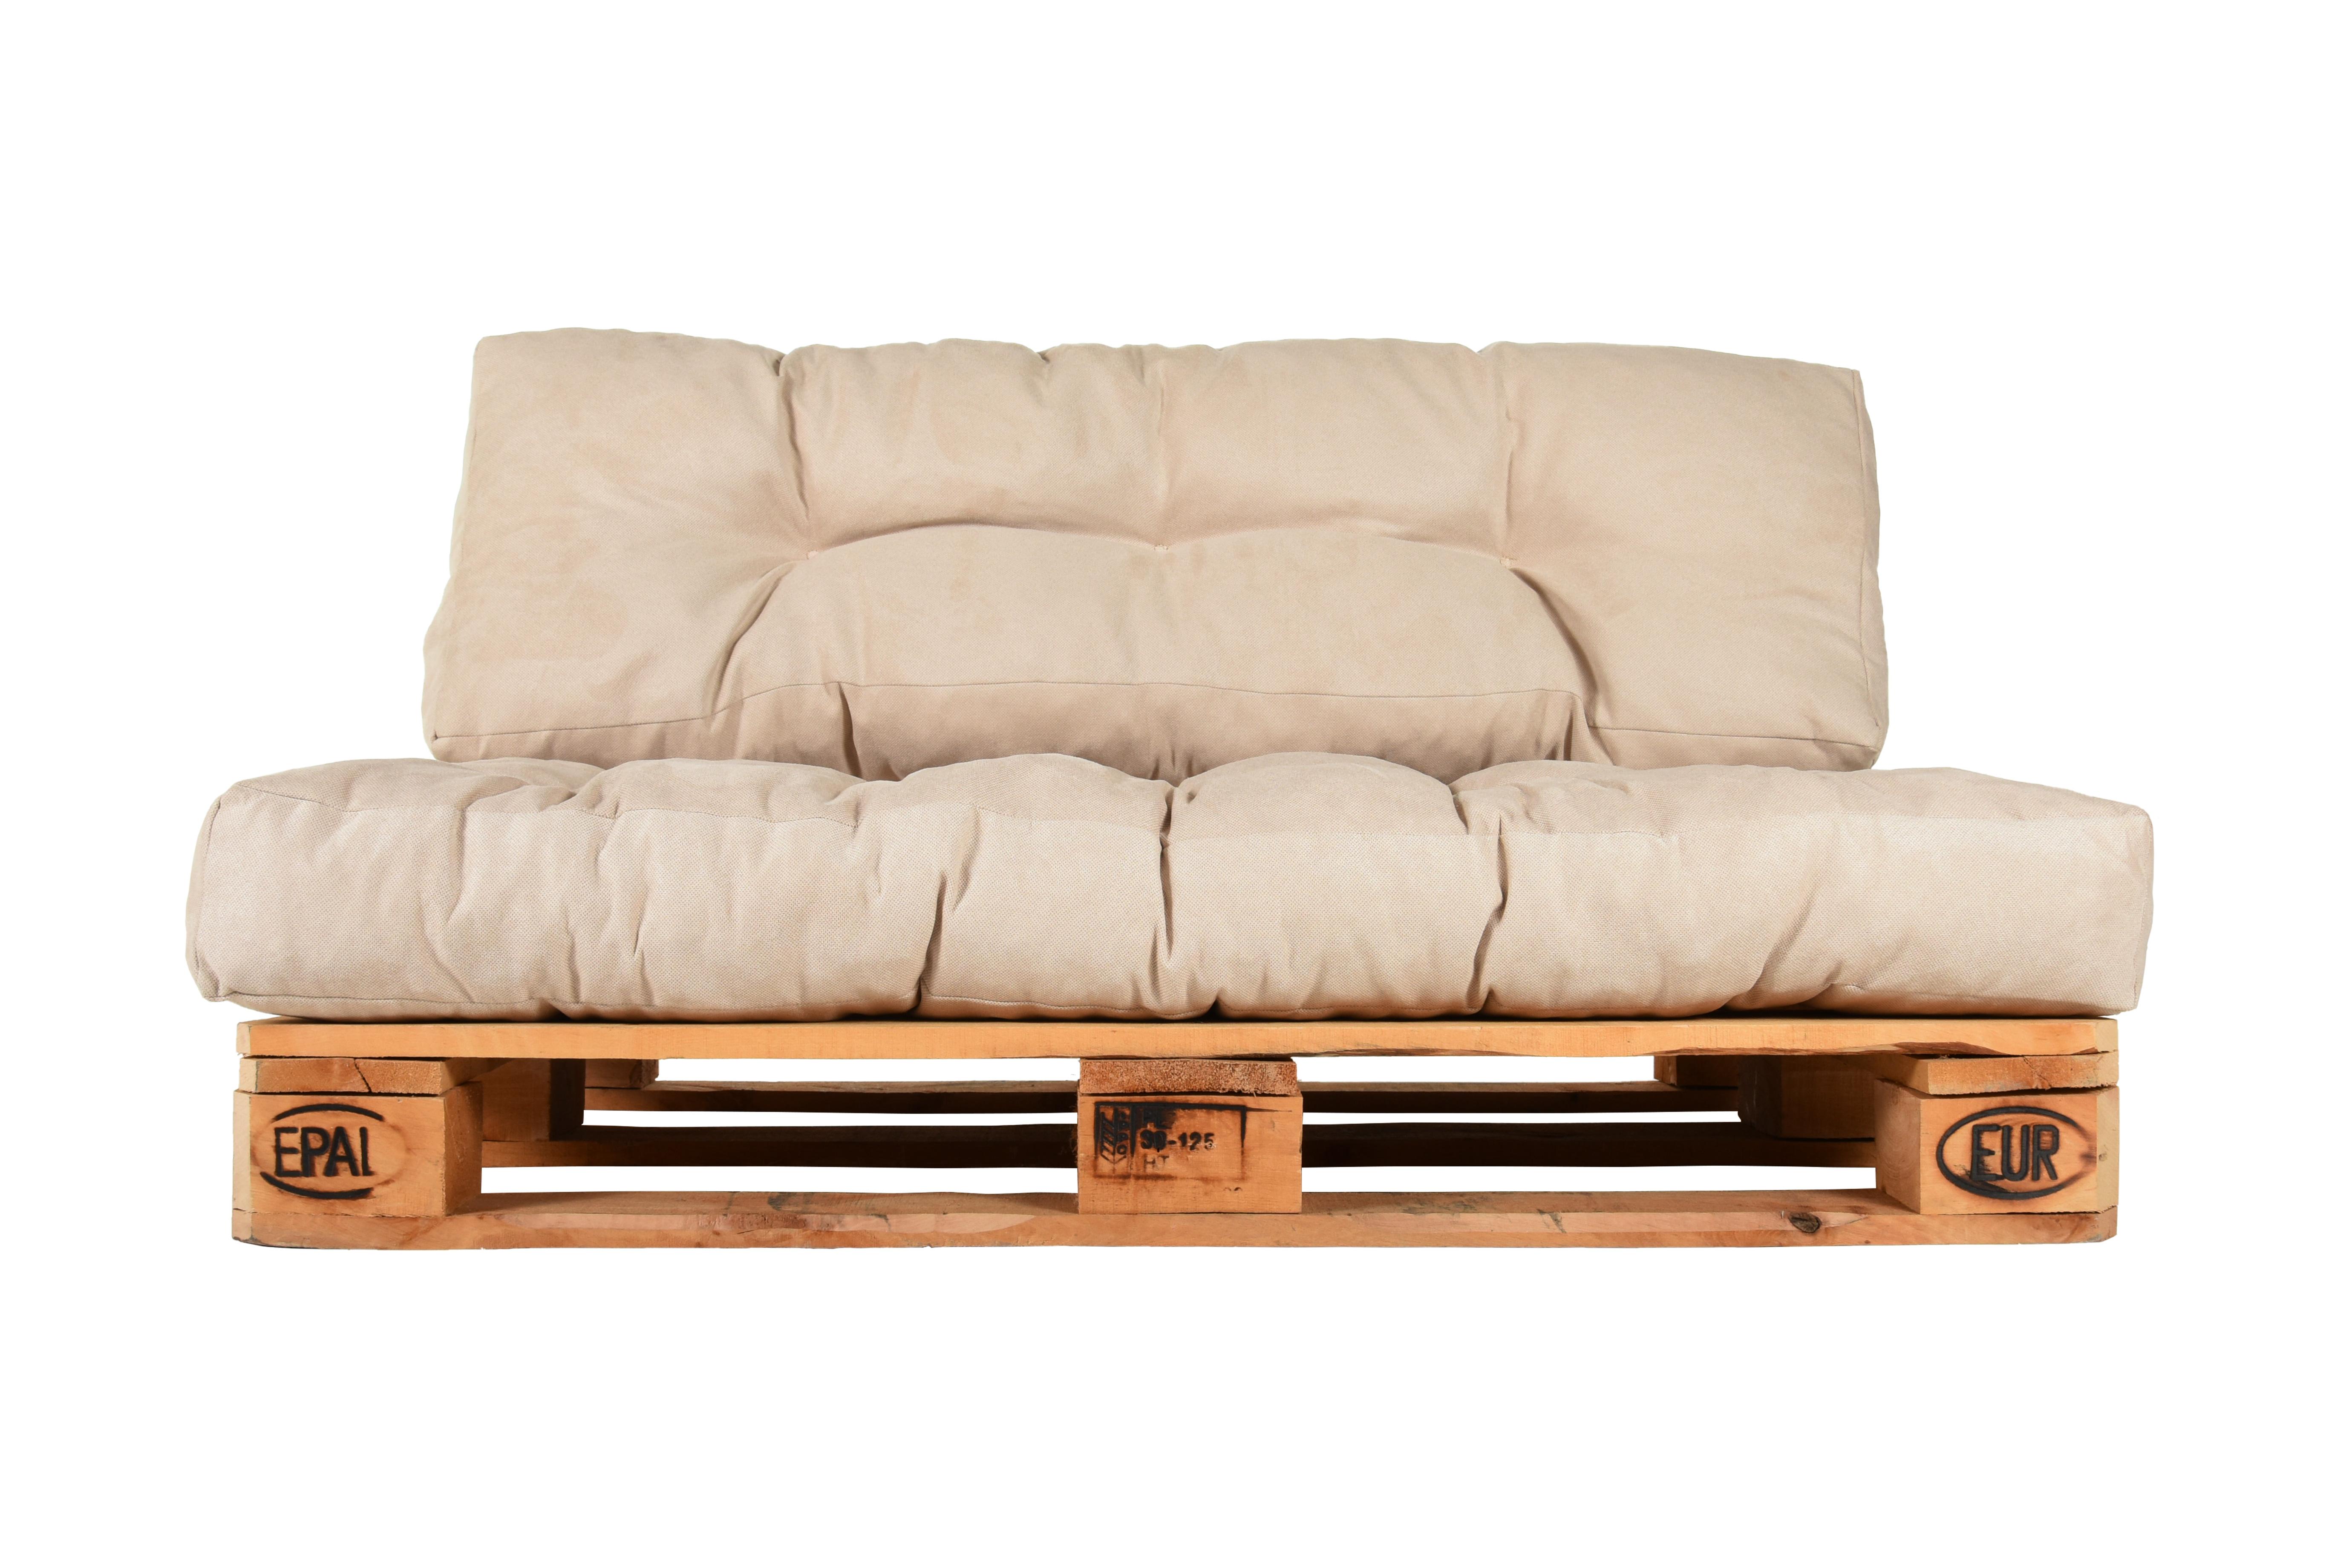 Palettenkissen palettenpolster palettensofa polster for Couch auflage